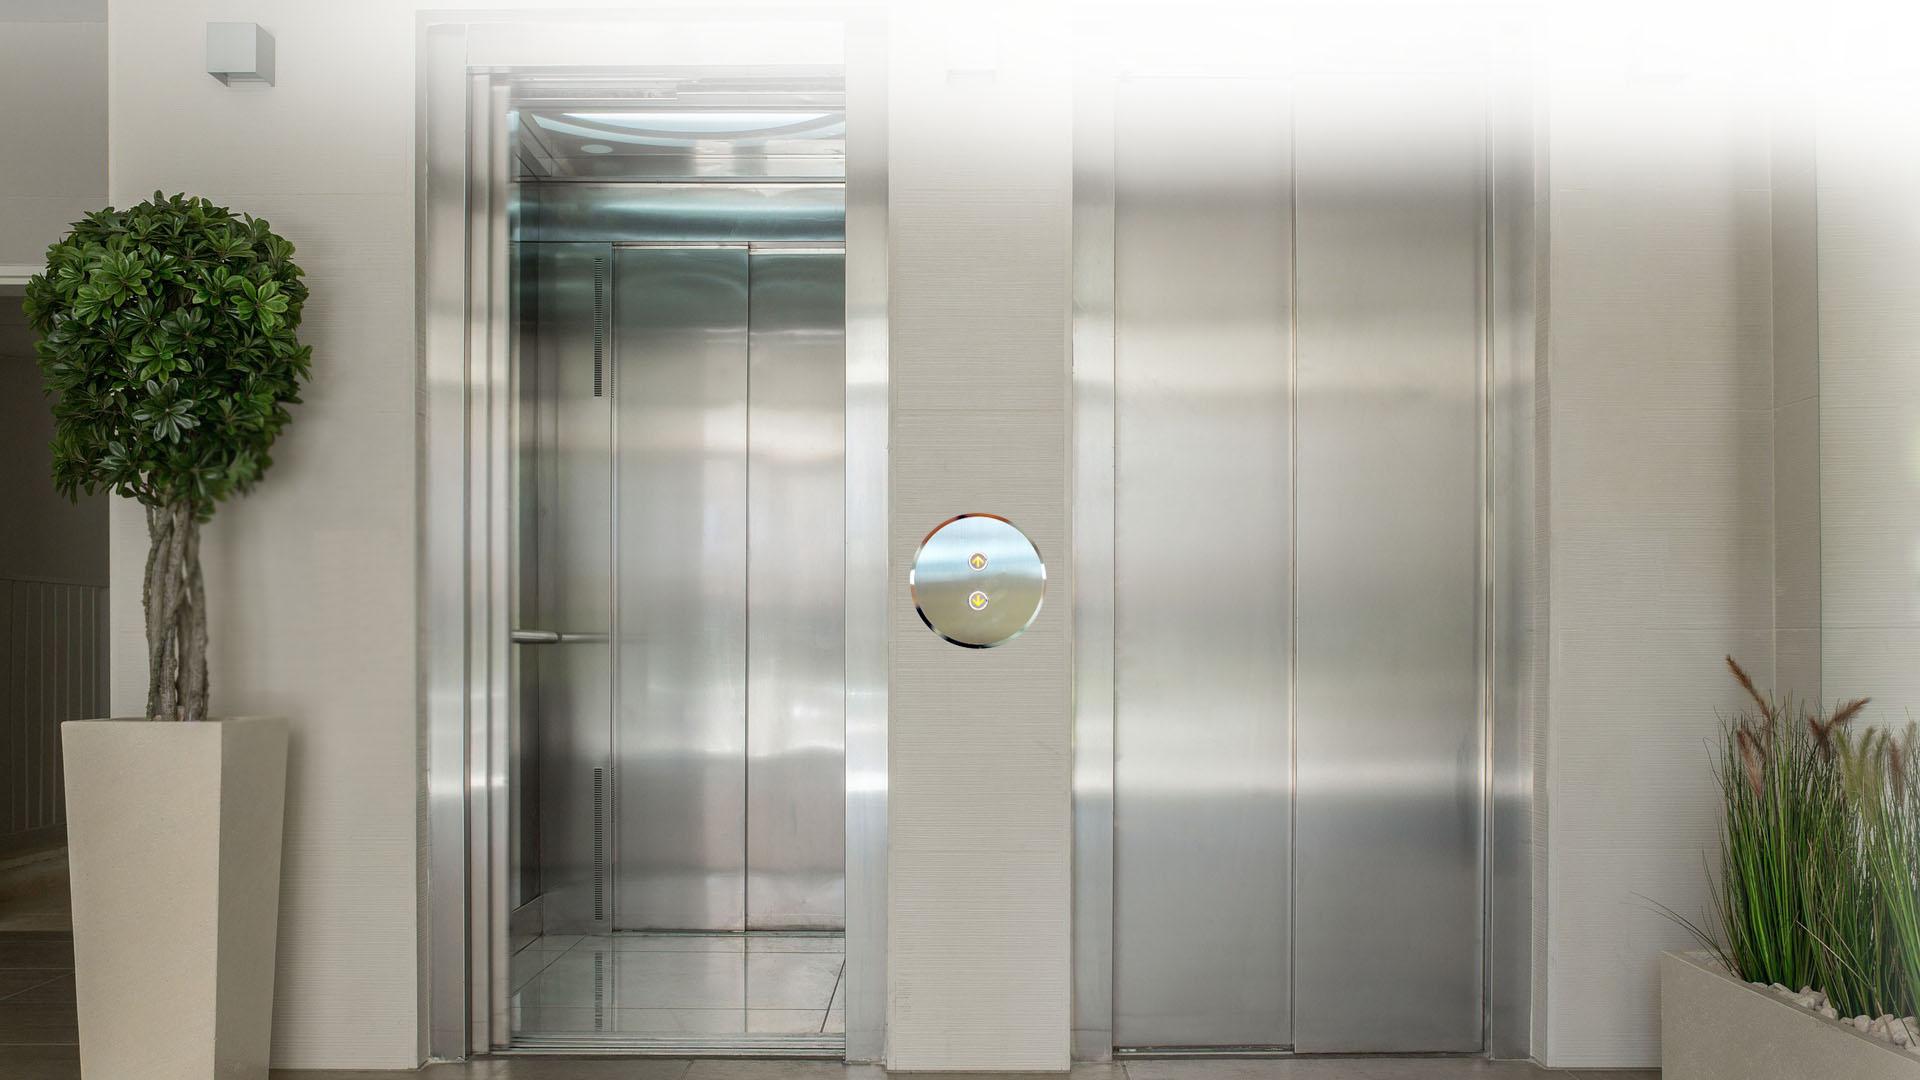 elevadores, gsr elevadores, manutenção de elevadores, reparação de elevadores, elevadores Lisboa